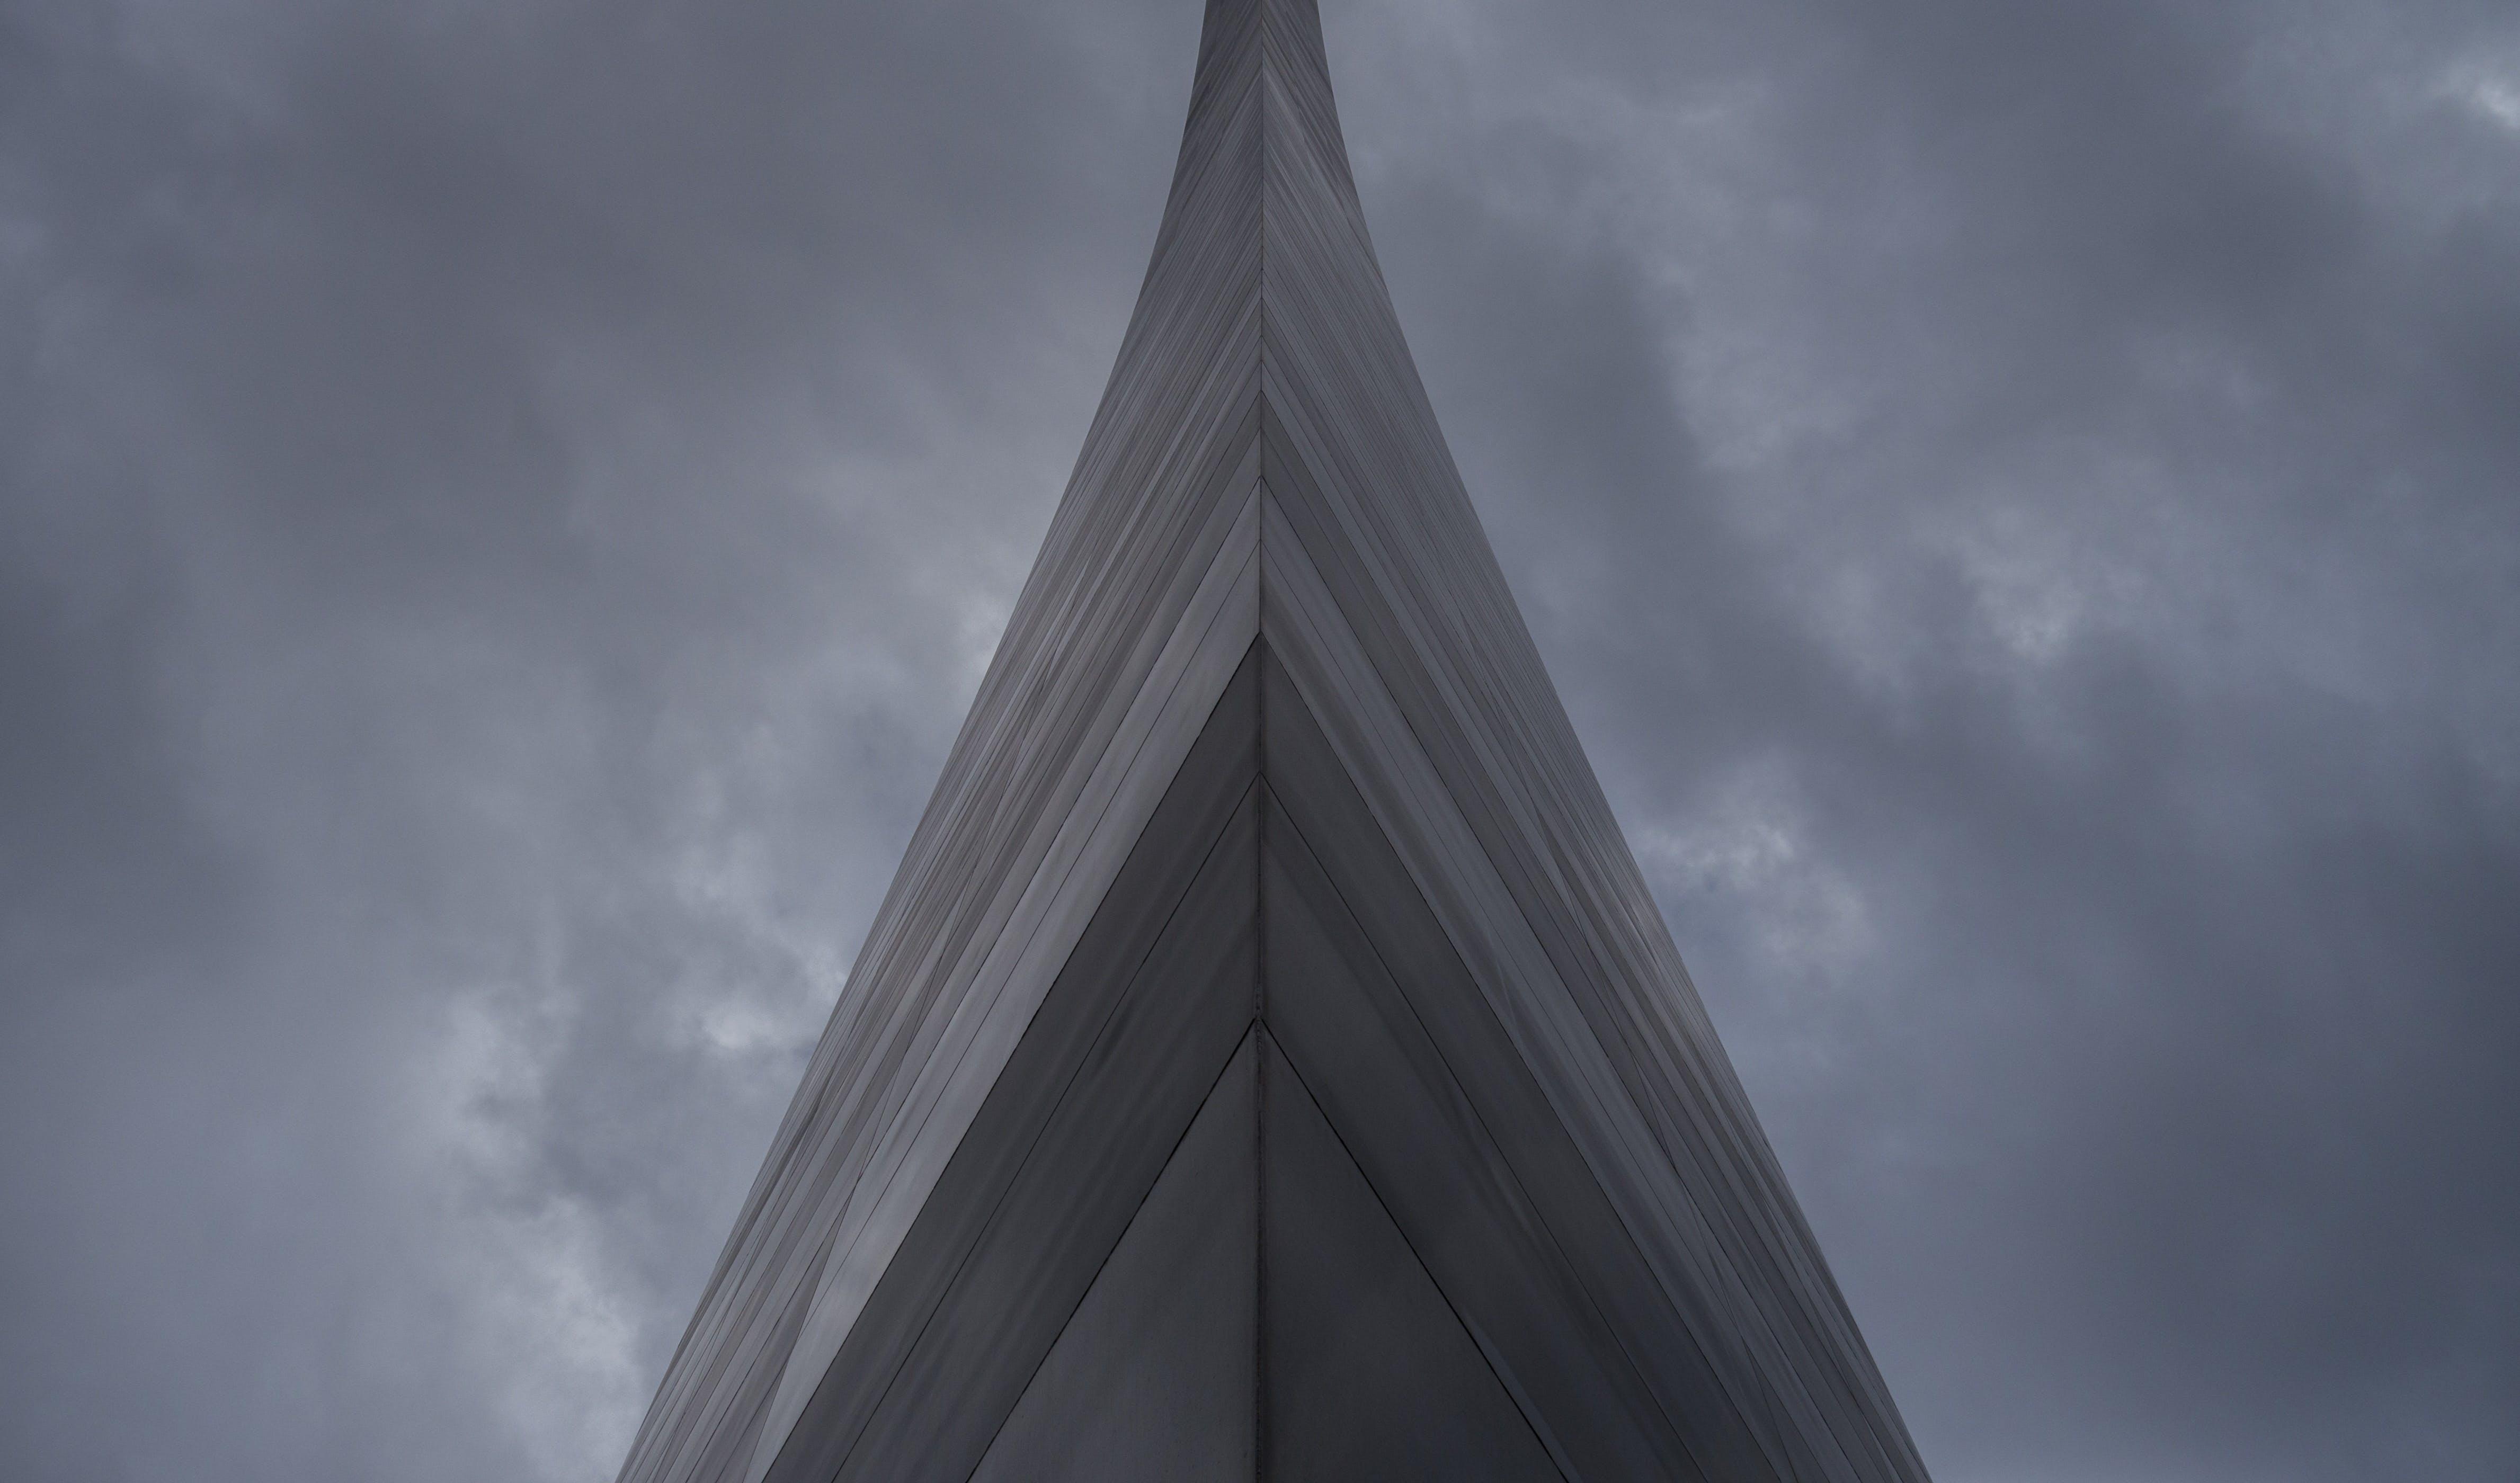 Gray Building Under Dark Clouds